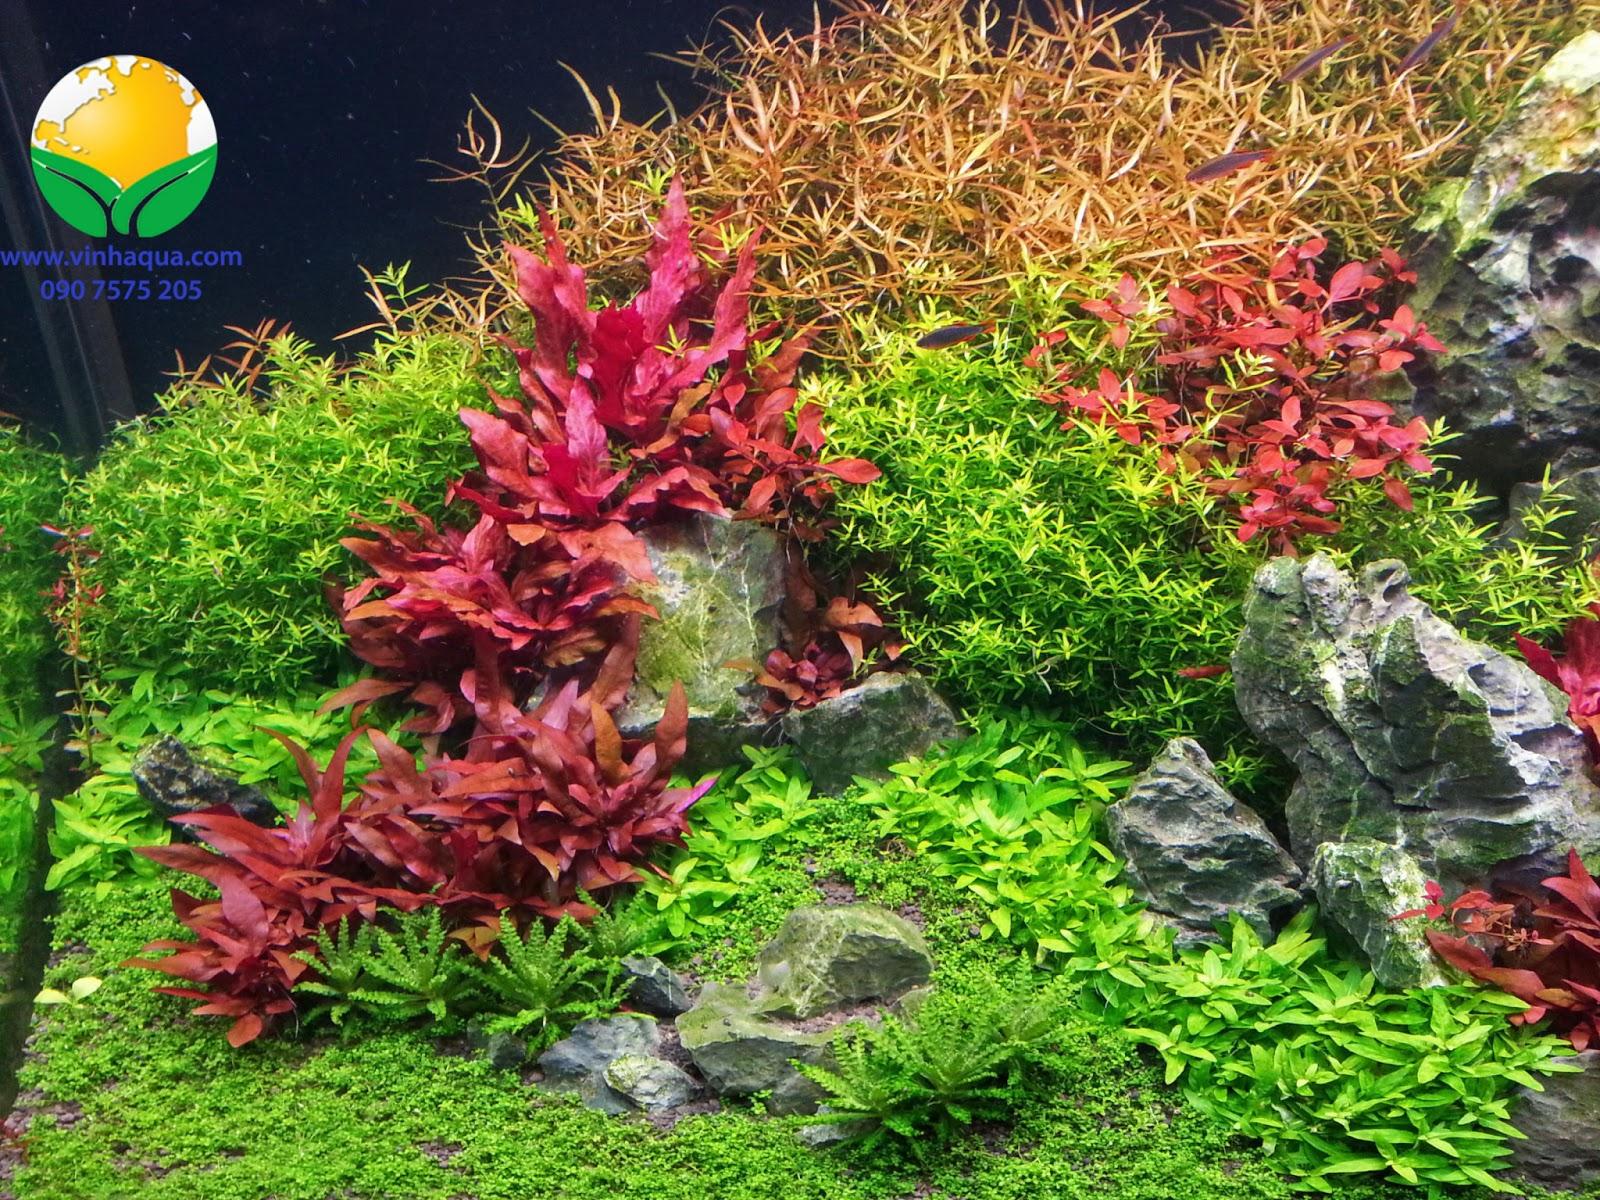 Cây huyết tam lan rất được ưa chuộng trong bể thủy sinh